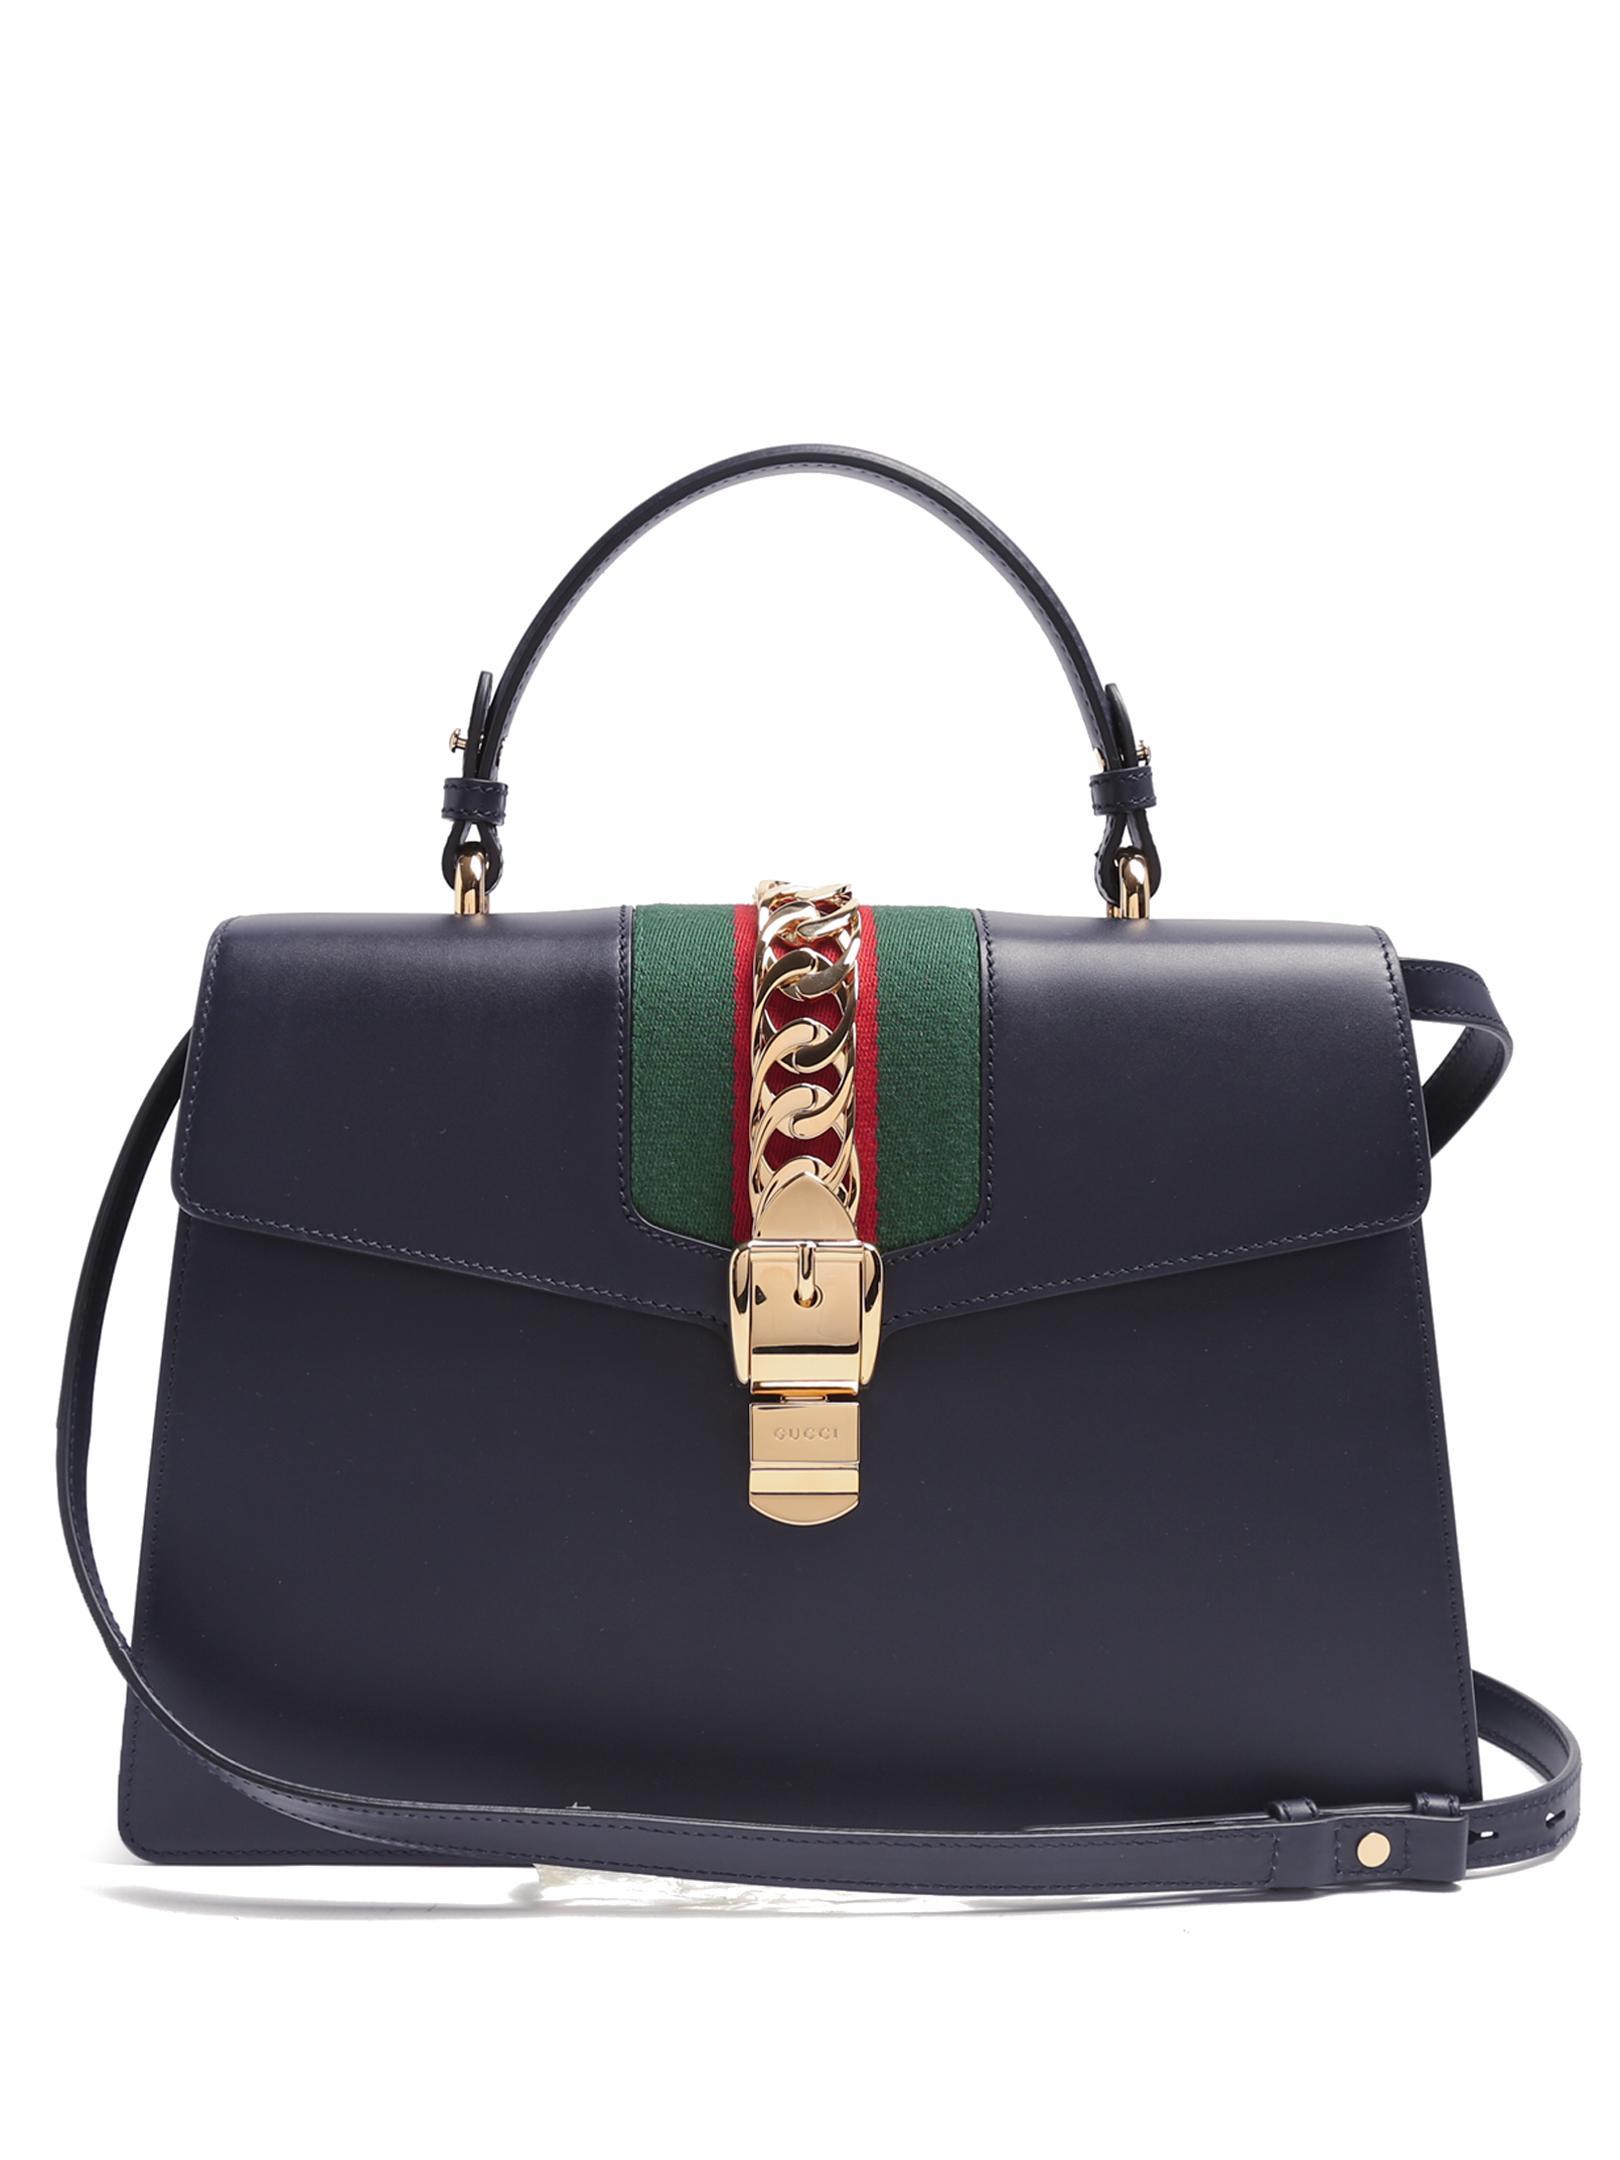 21edb0d29f4a Gucci Leather Medium Shoulder Bag 523354